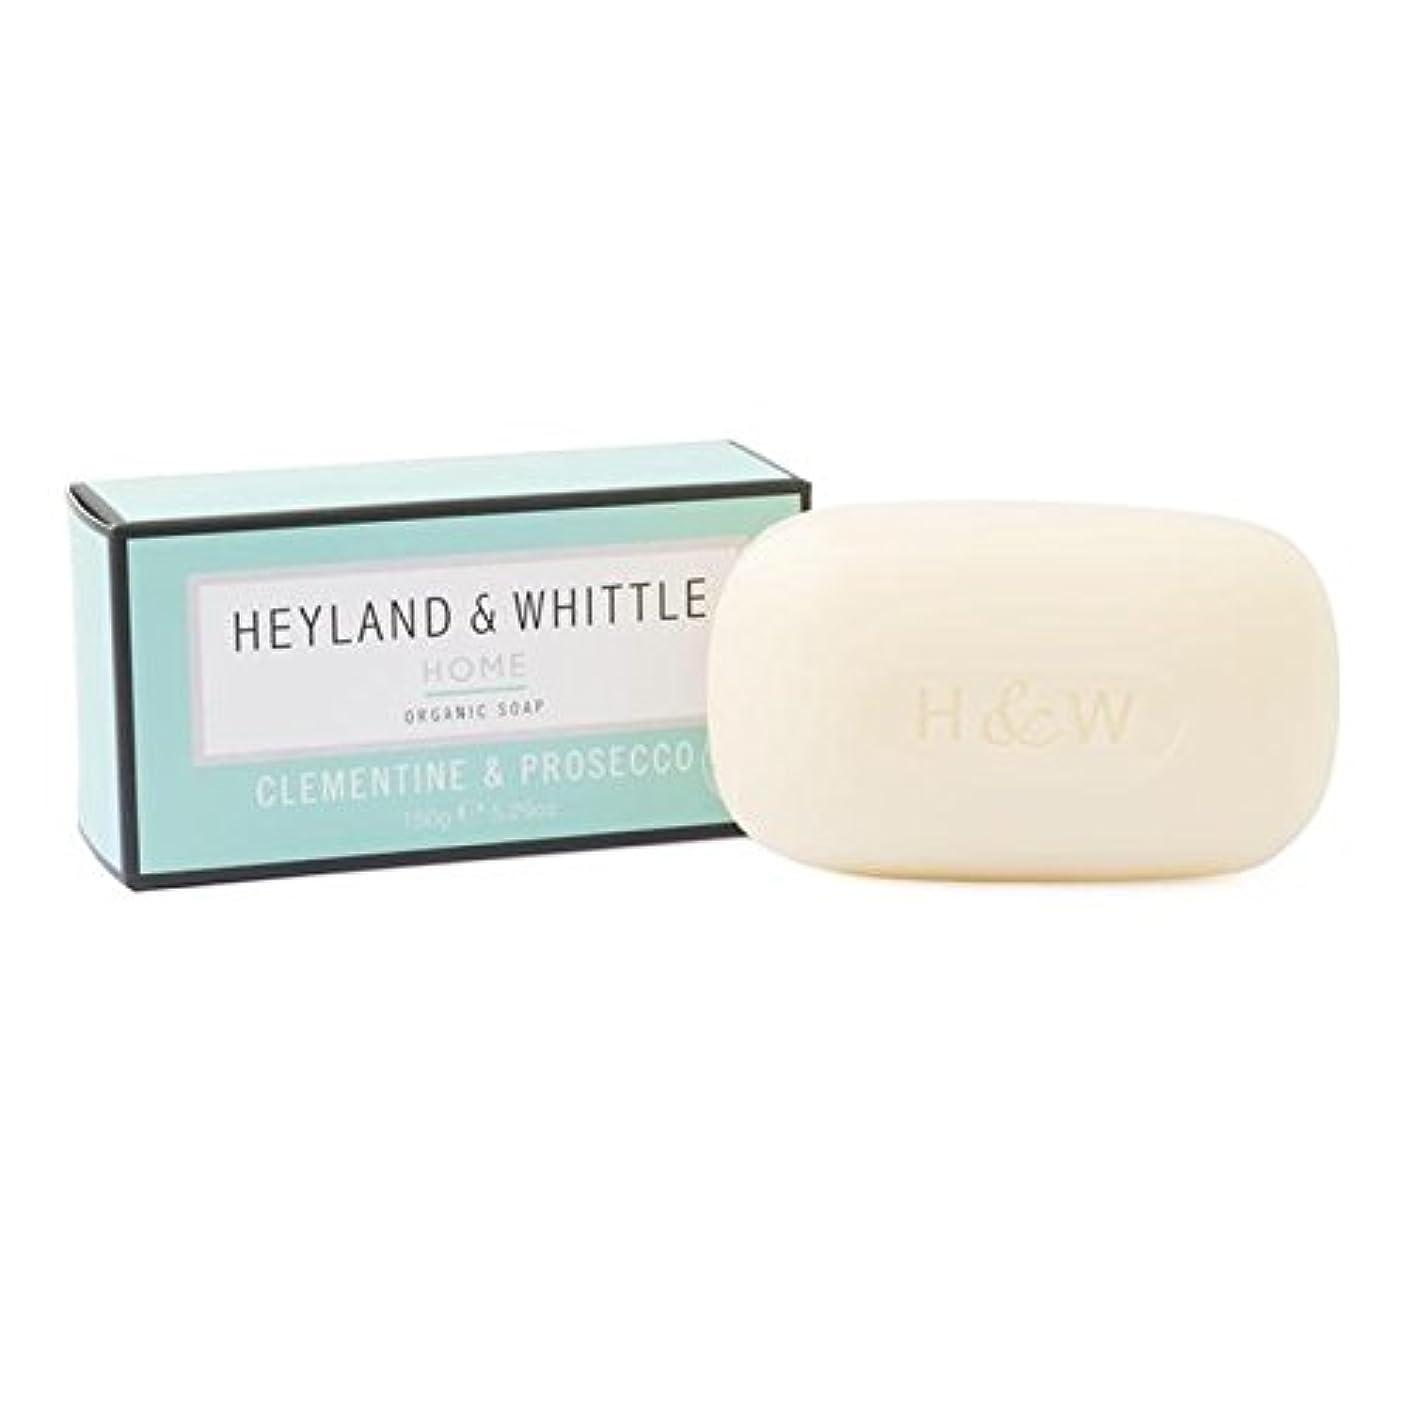 強度資金流用する&削るホームクレメンタイン&プロセッコ有機石鹸150グラム x2 - Heyland & Whittle Home Clementine & Prosecco Organic Soap 150g (Pack of 2)...